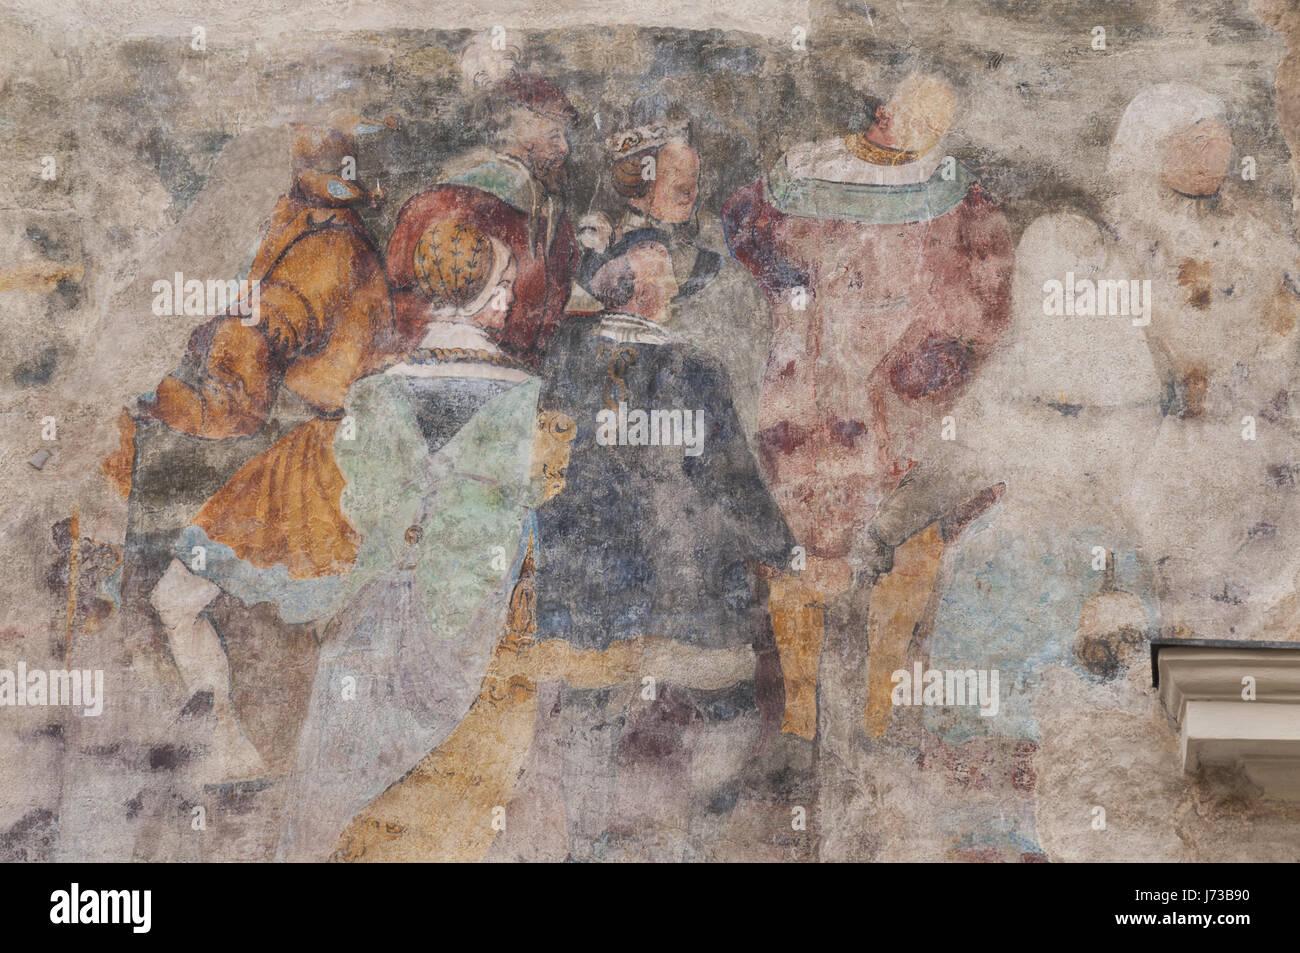 Austria, Wachau, Krems an der Donau Stein, painted wall - Stock Image